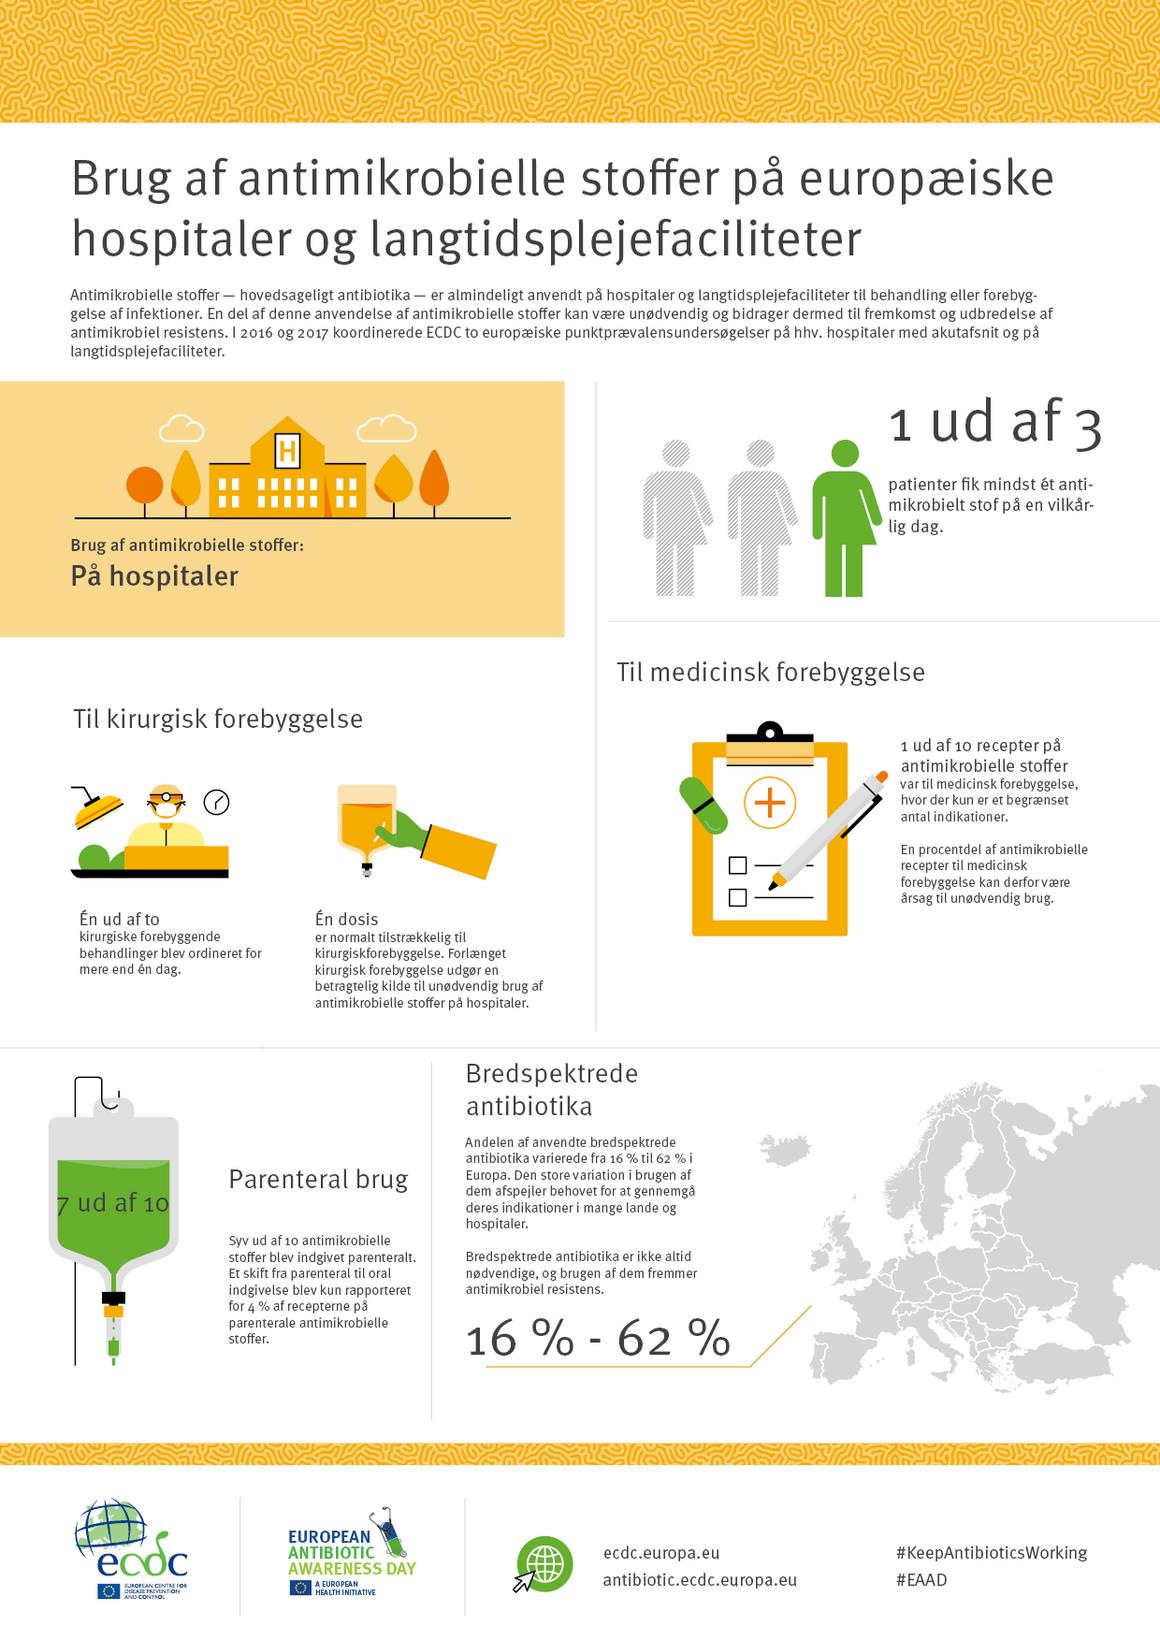 Brug af antimikrobielle stoffer på europæiske hospitaler og langtidsplejefaciliteter